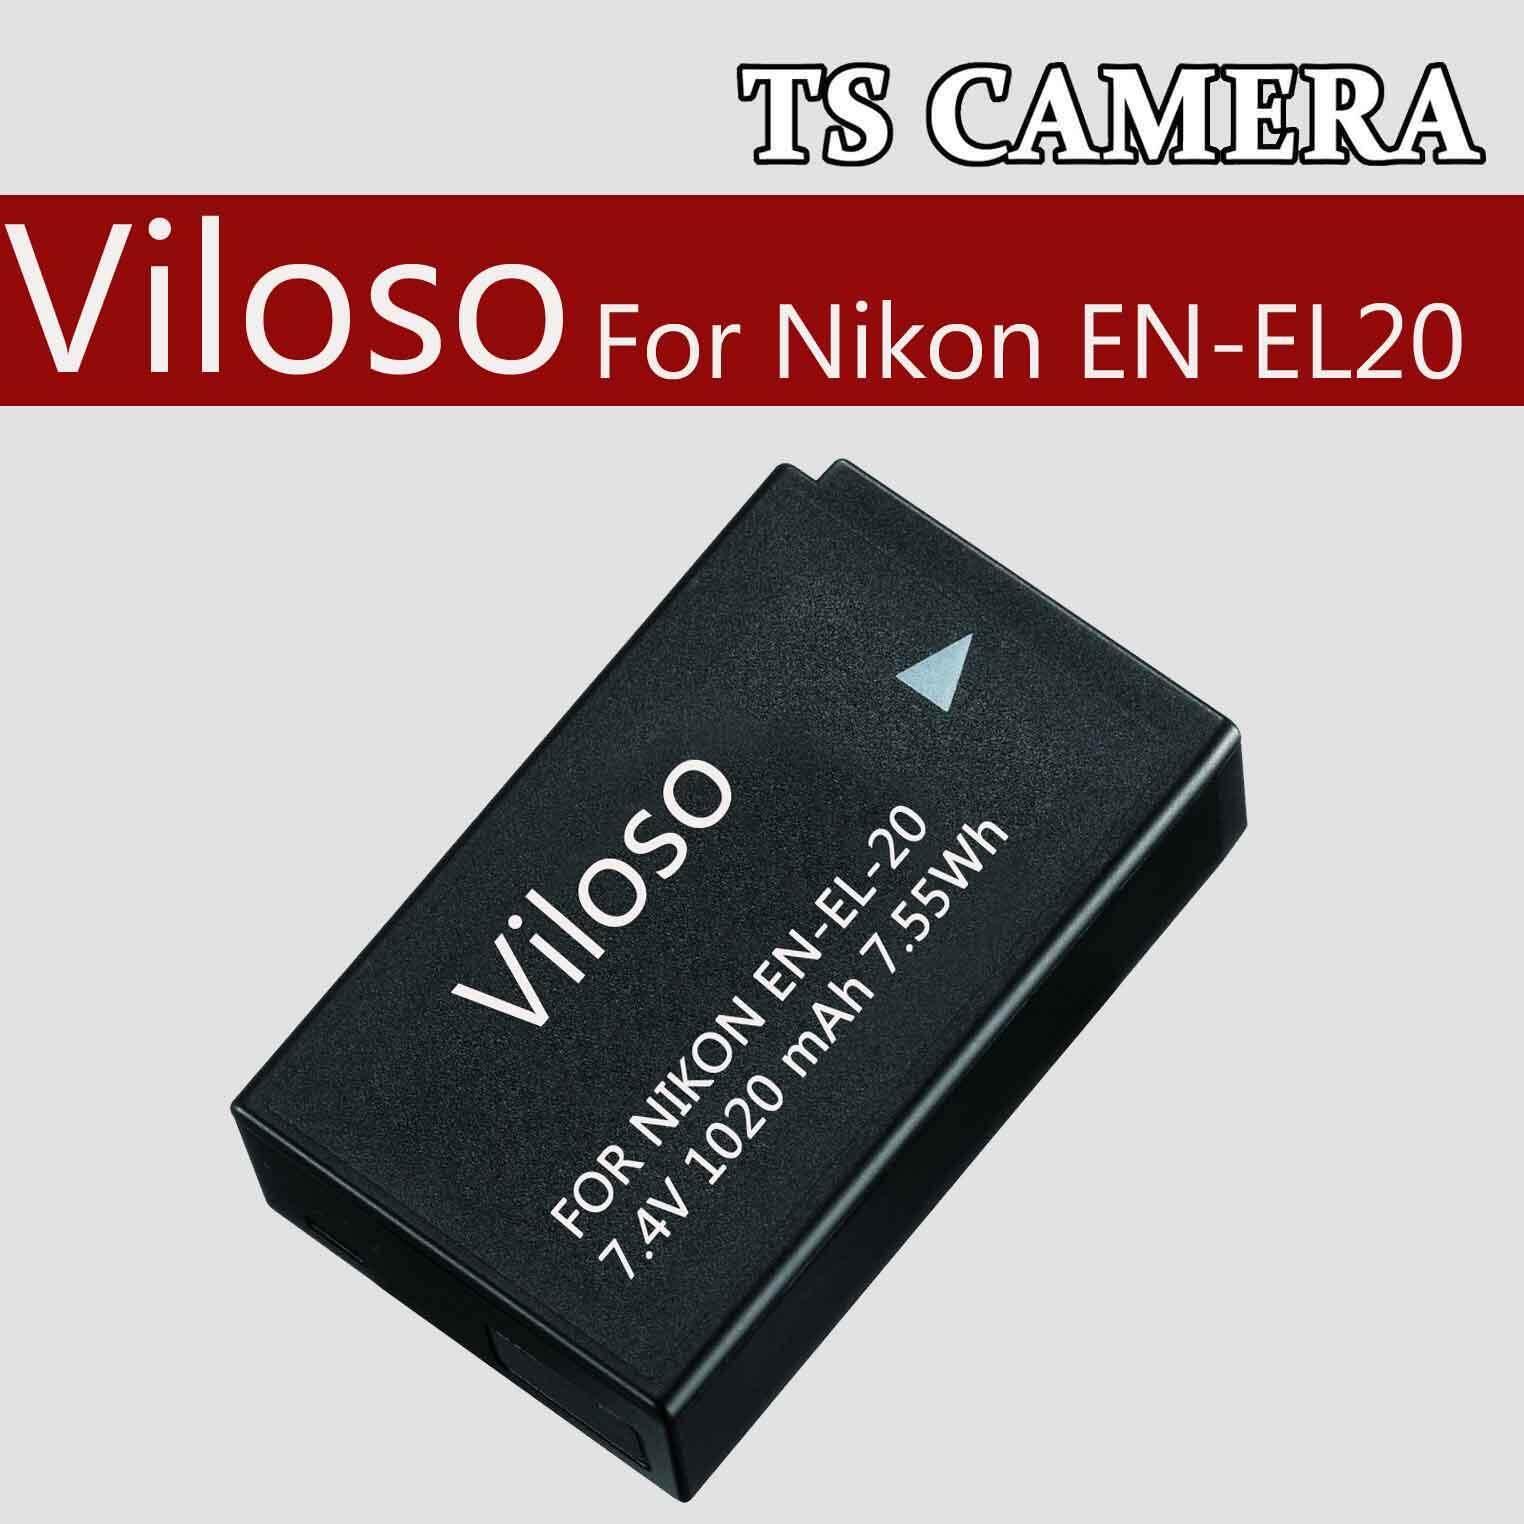 Nikon En-El20 Battery Replacement By Ts Camera.